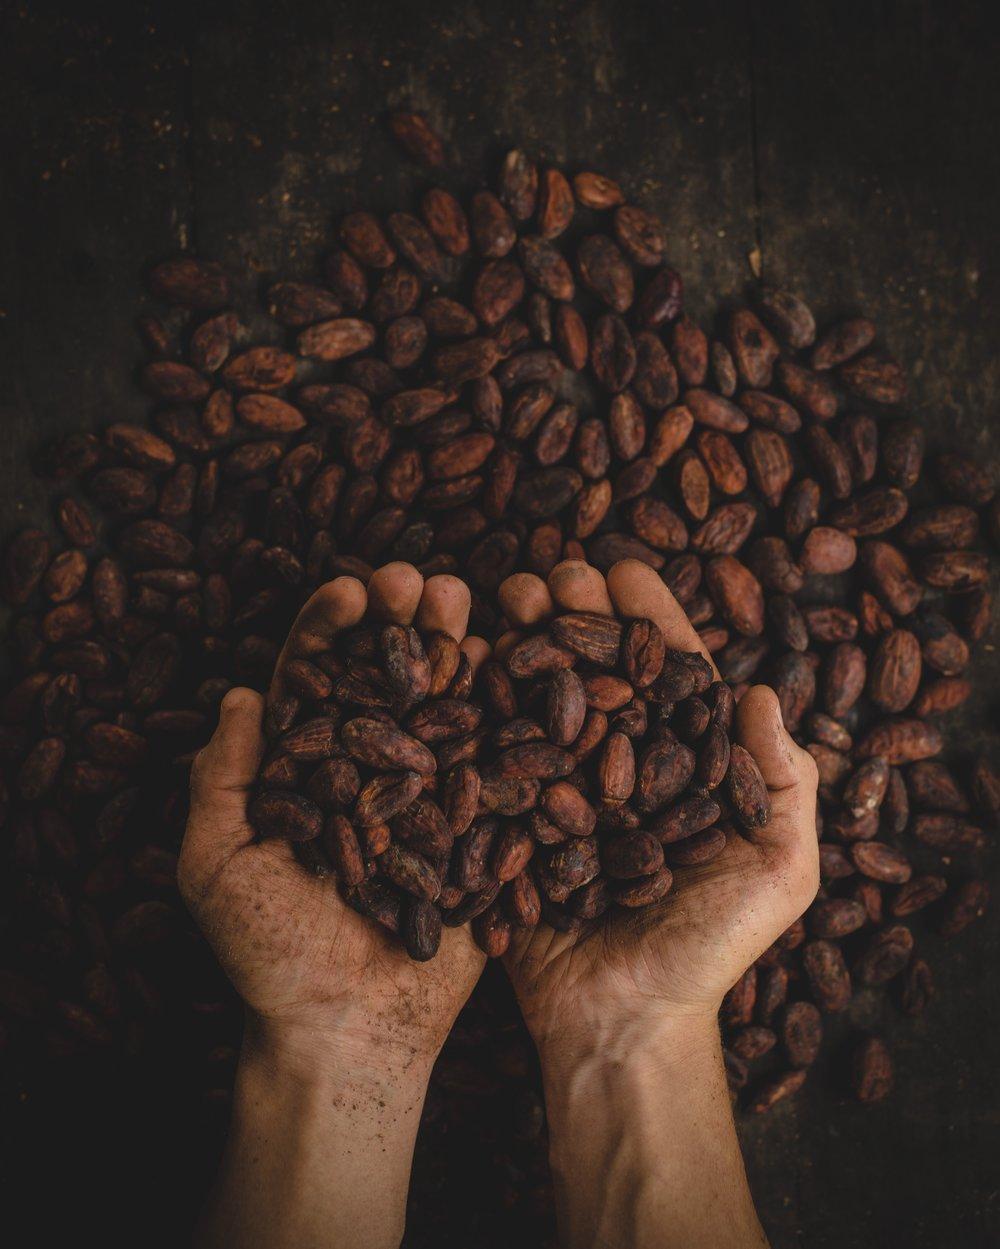 Il cioccolato, grazie al contenuto di antiossidanti, può aiutare a combattere i radicali liberi che danneggiano le cellule dell'epidermide. -